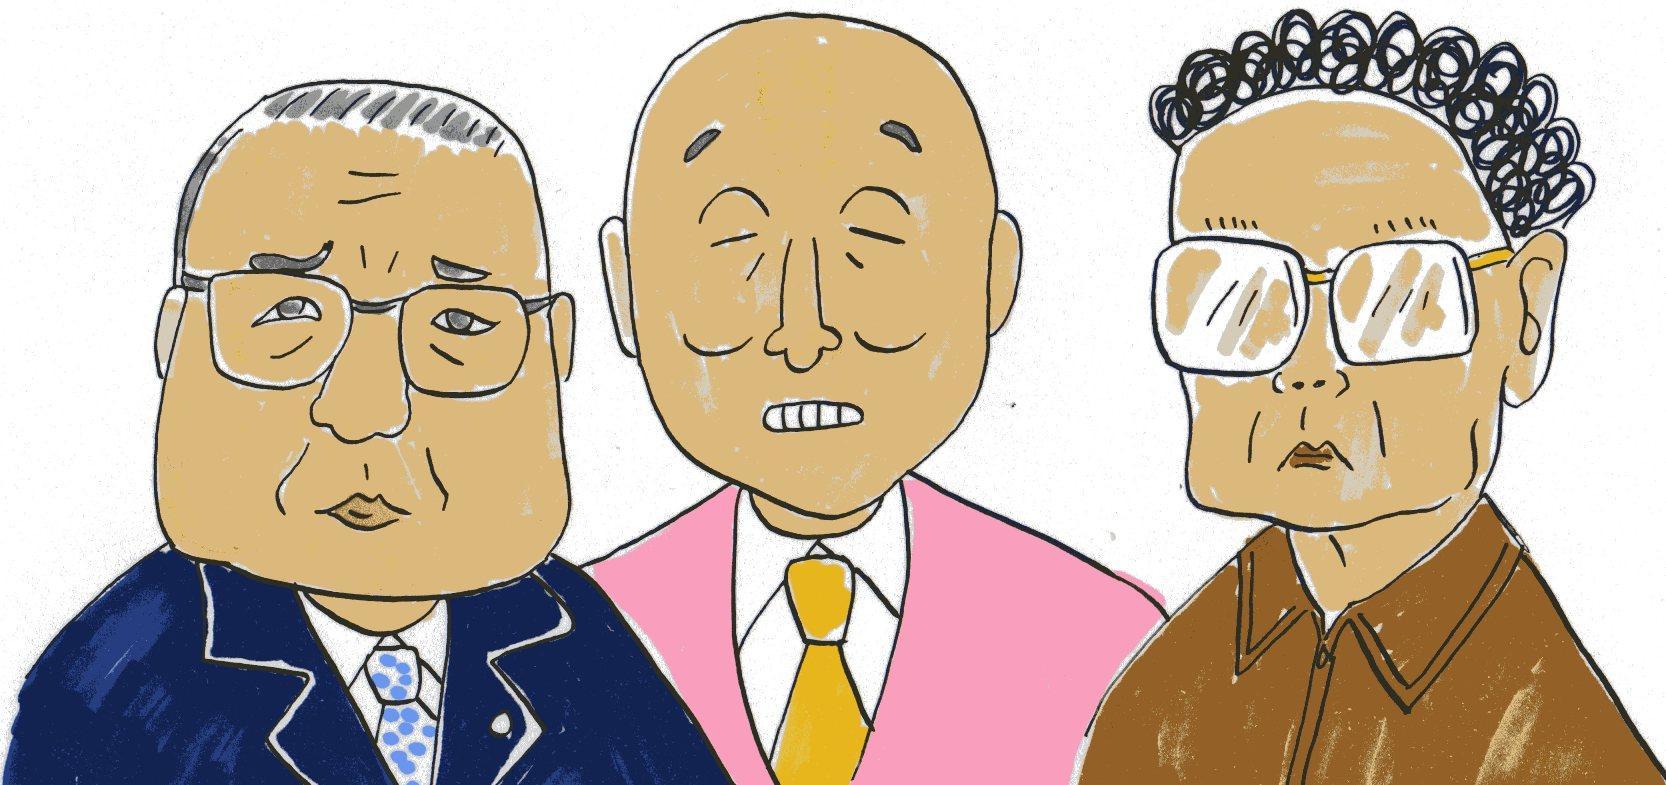 「池田先生は夏は避暑地に行かれていらっしゃいます。変なデマを流さないで下さい。」